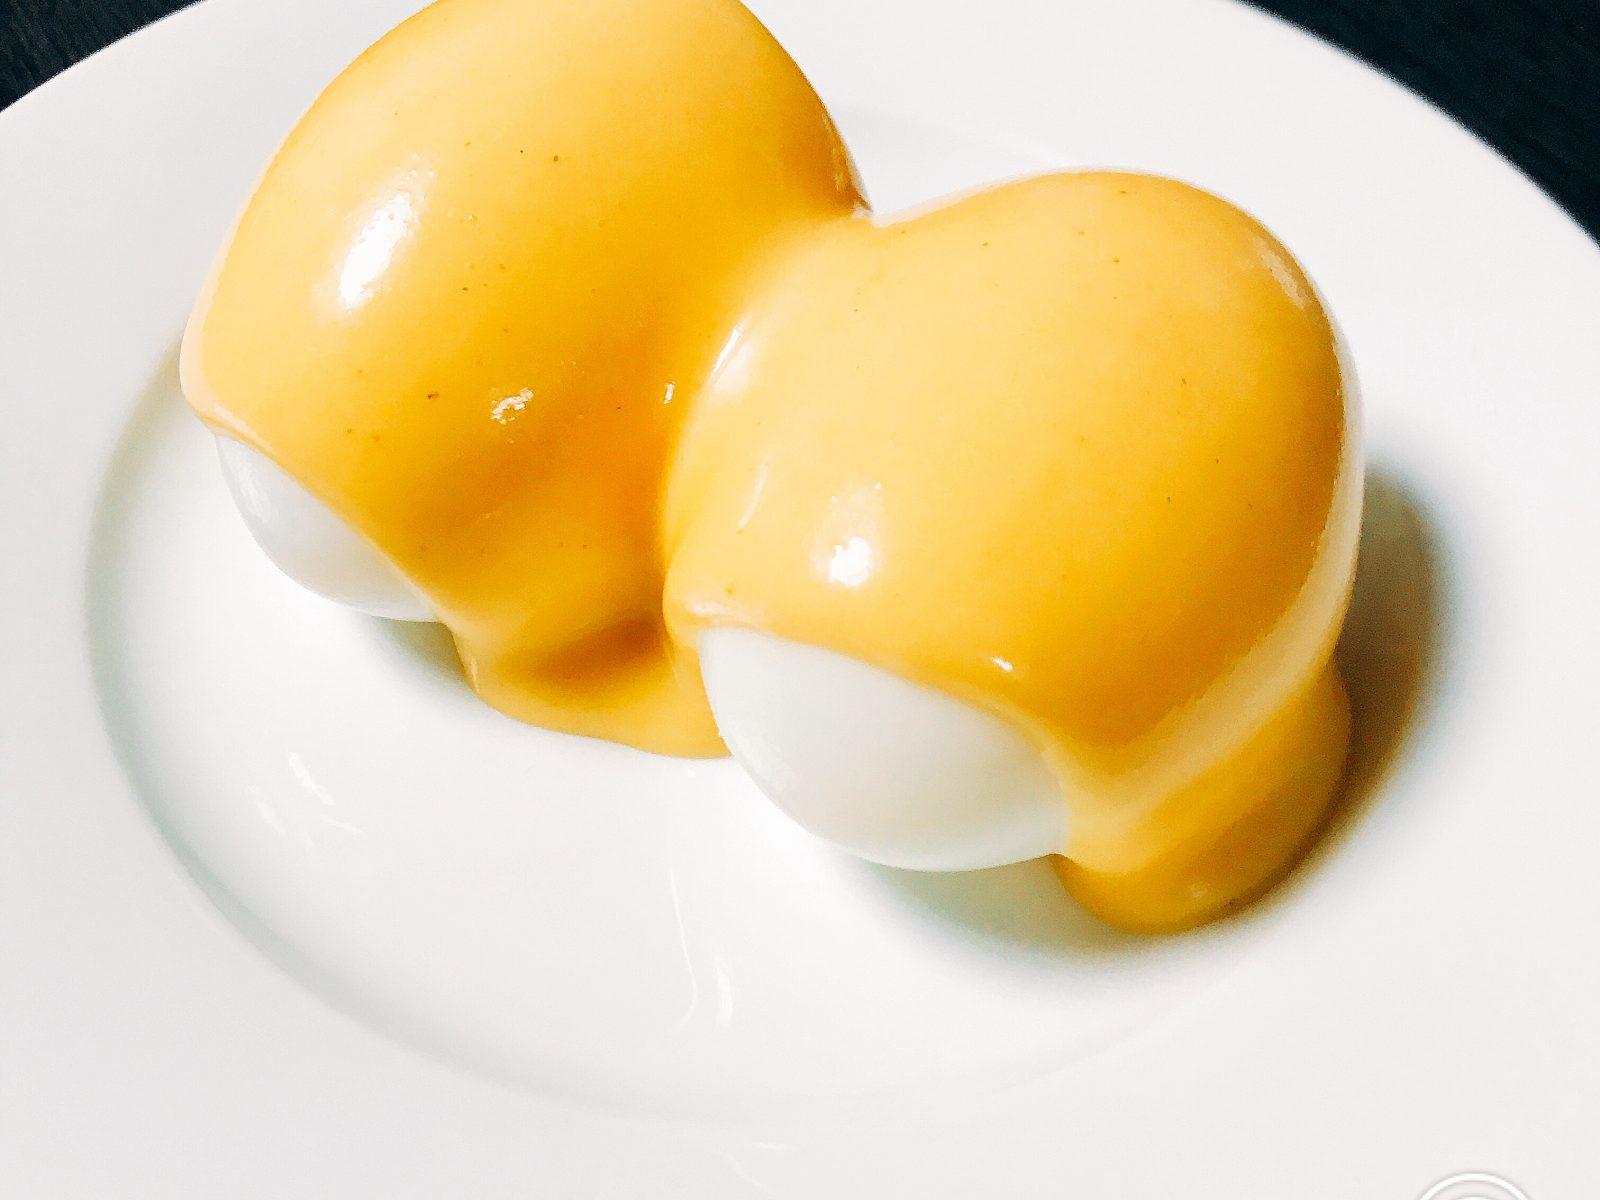 【新連載】作り置きつまみ。ゆで卵+自家製マヨの「ウフマヨ」は究極フレンチ!